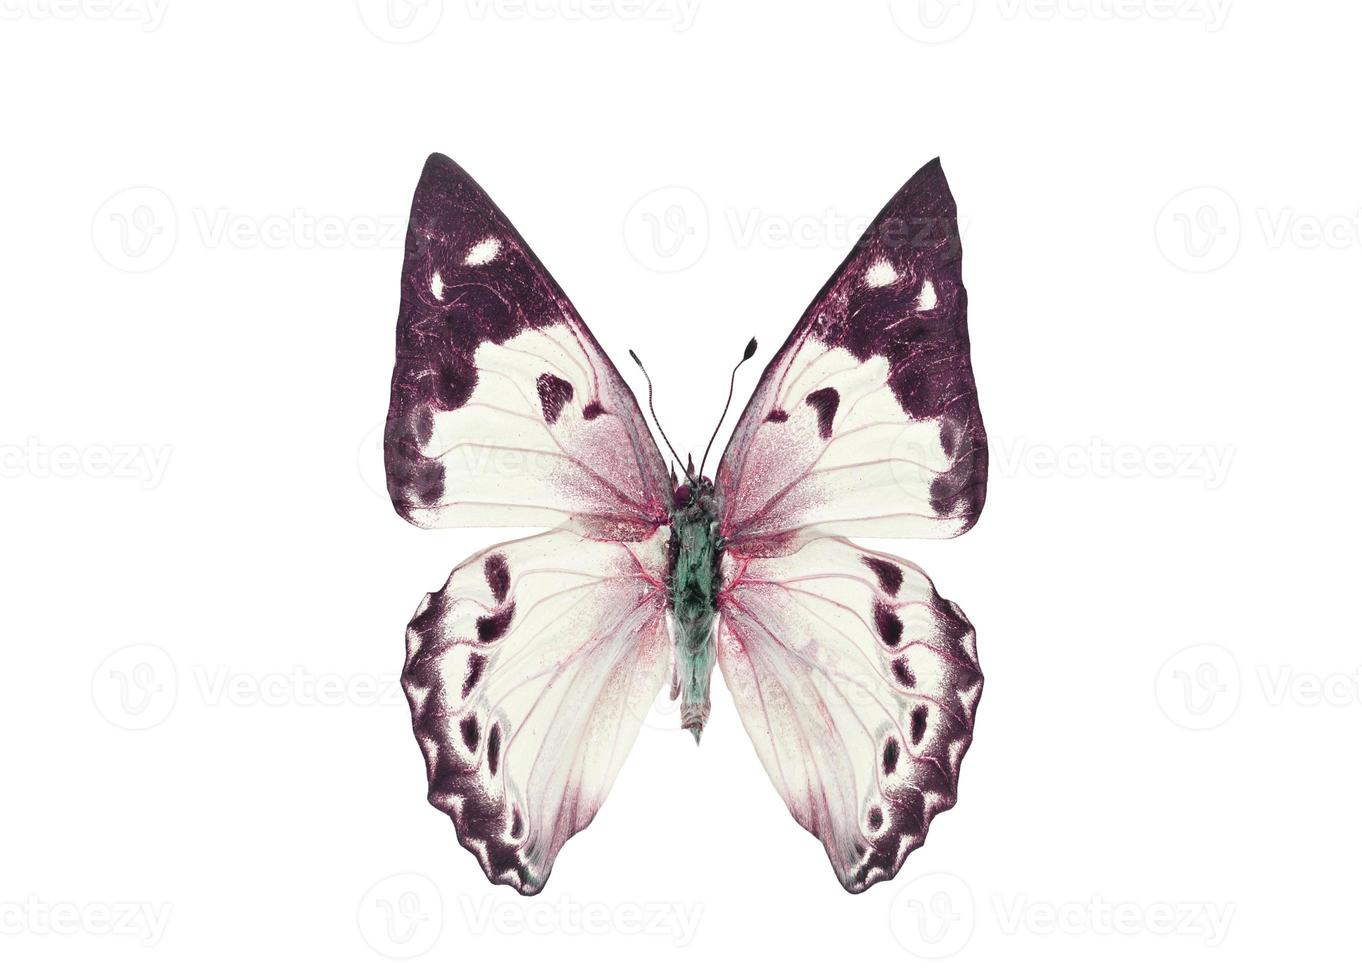 bunter Schmetterling. isoliert auf weißem Hintergrund foto